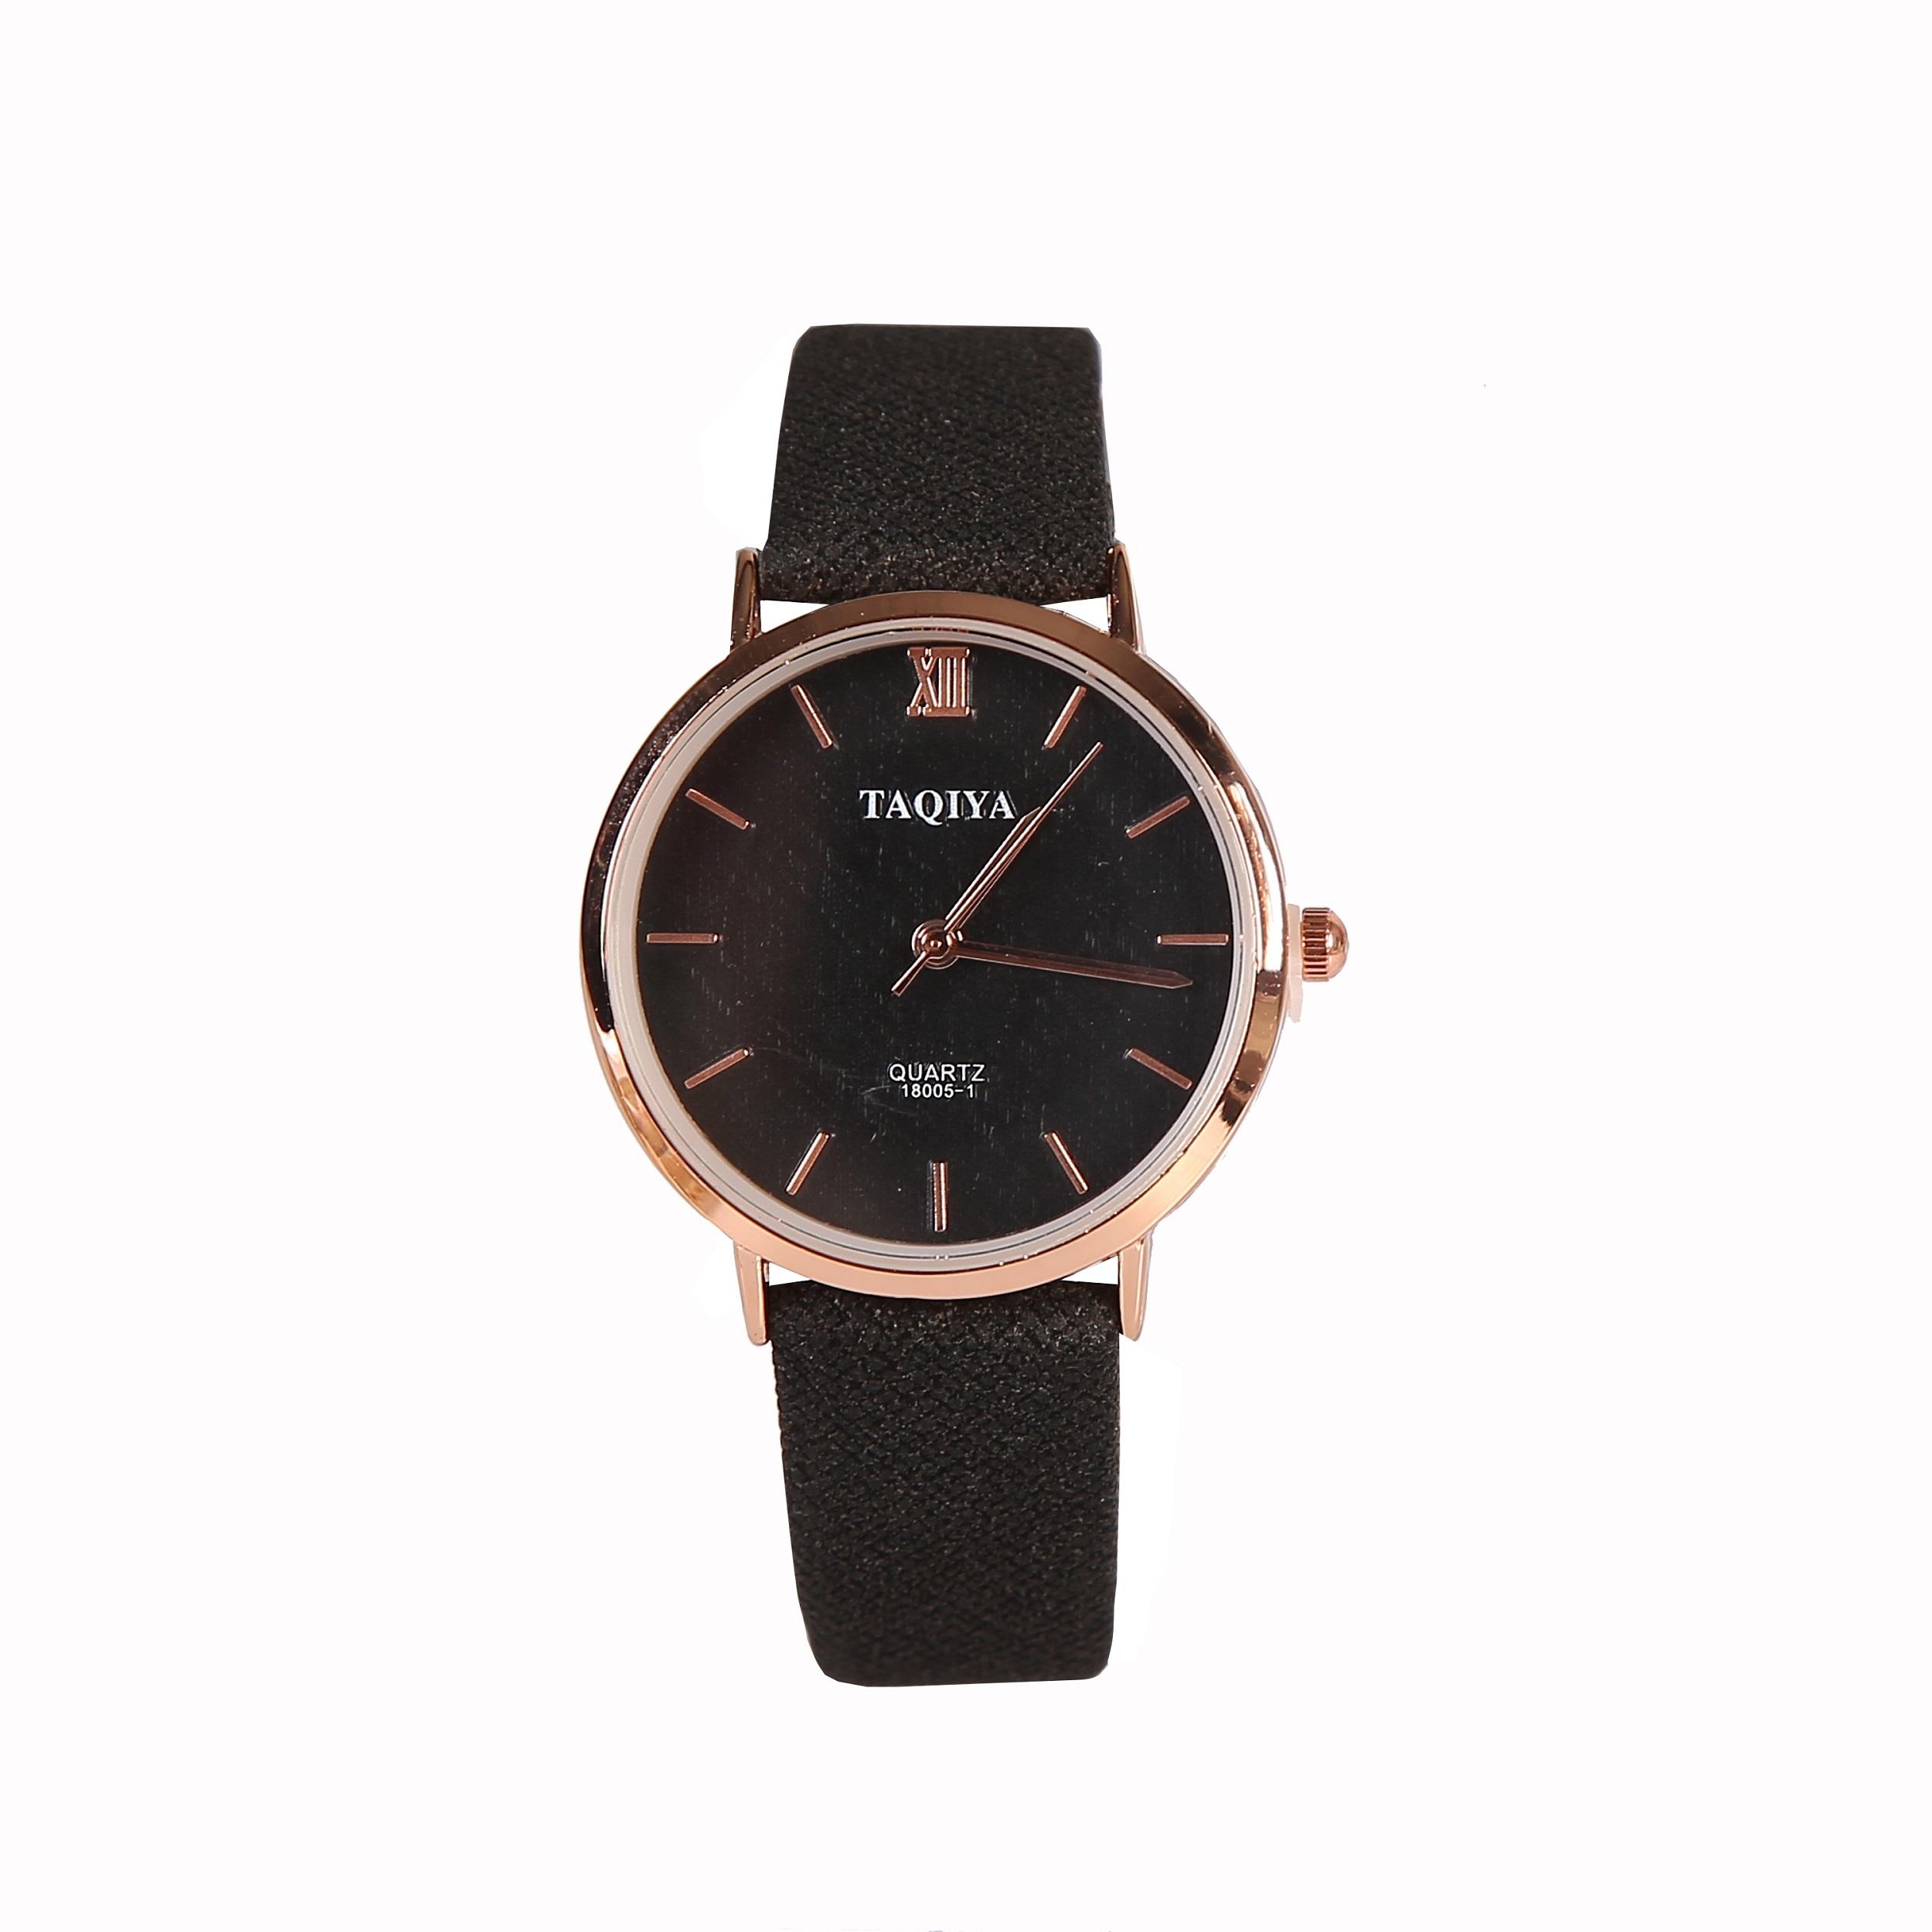 ساعت مچی عقربه ای زنانه تاکیا مدل 6231 38